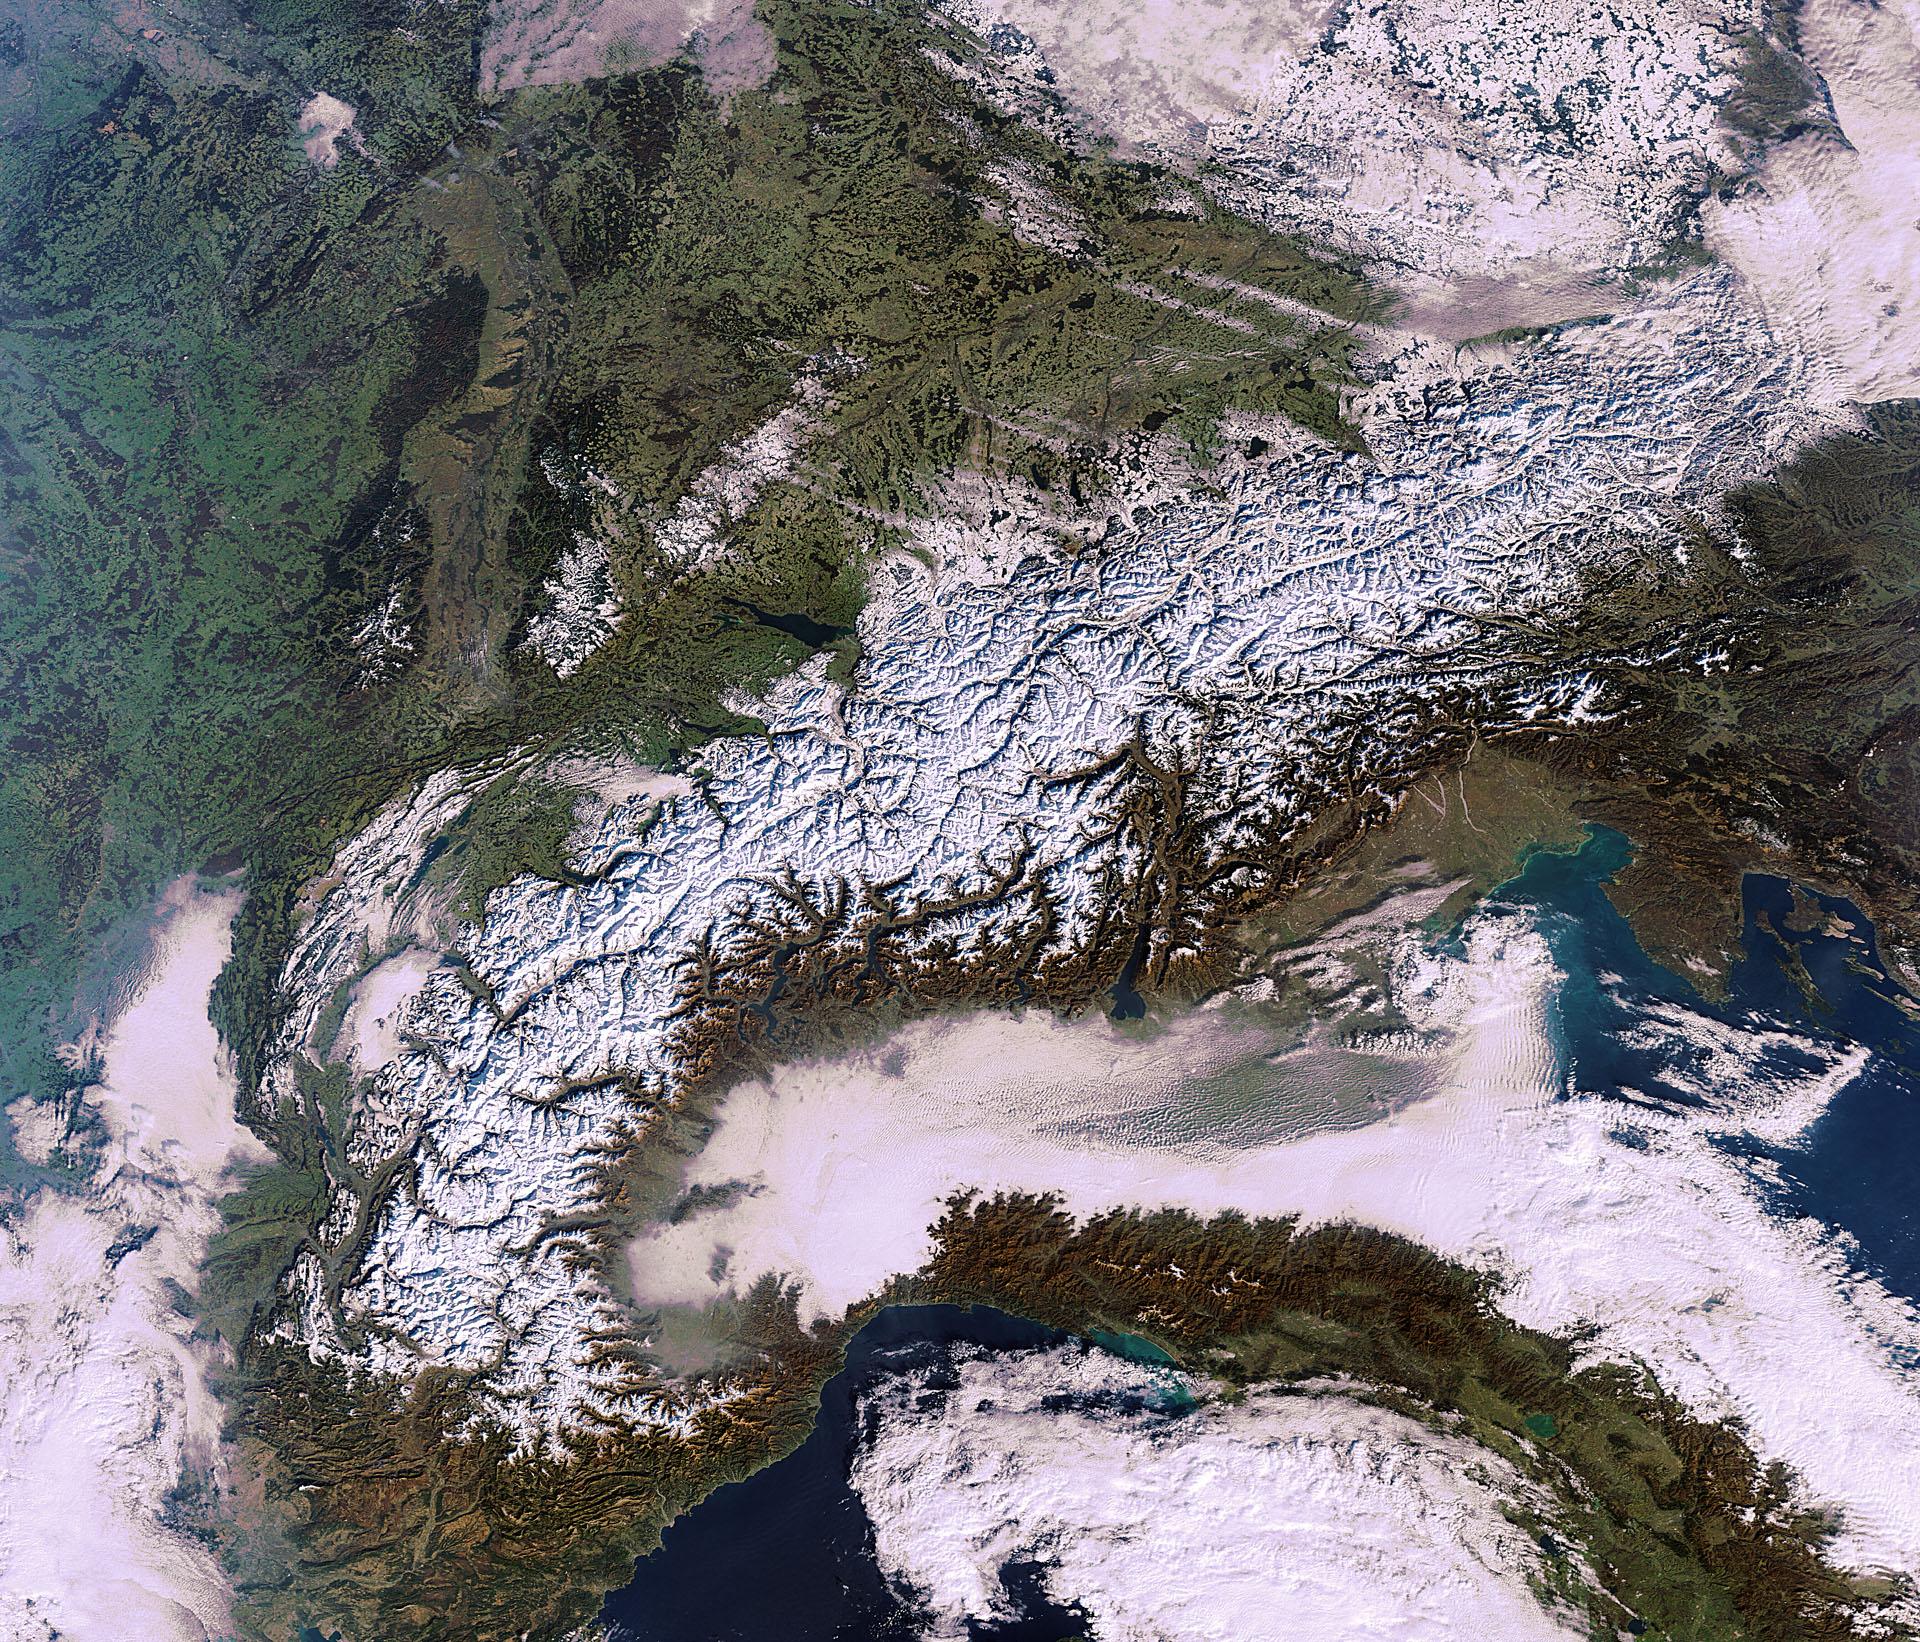 mountains_of_snow